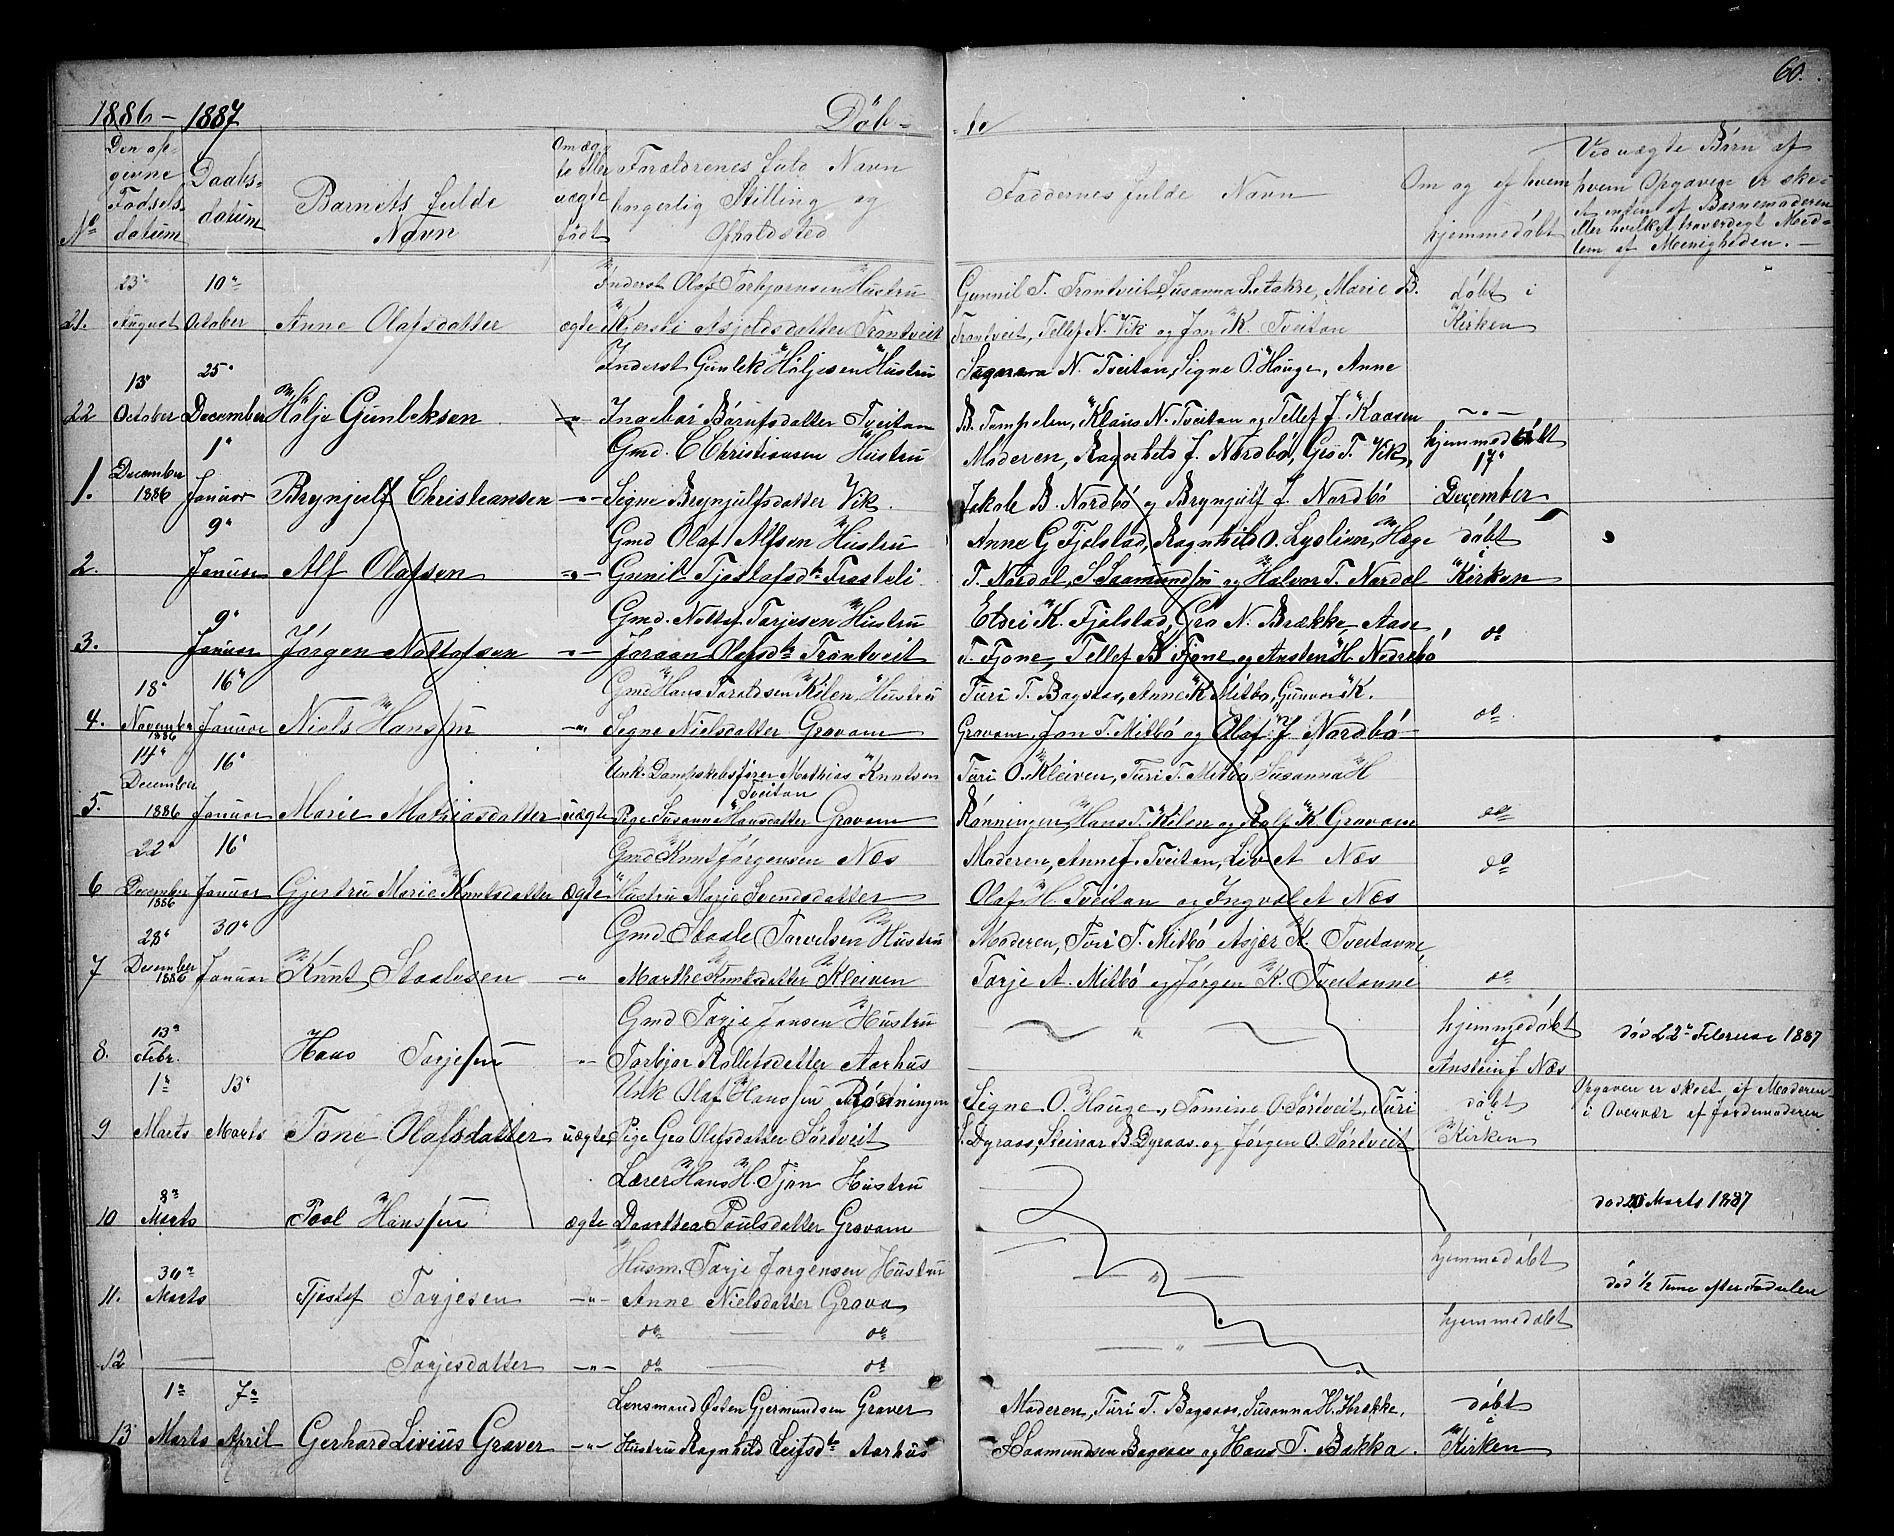 SAKO, Nissedal kirkebøker, G/Ga/L0002: Klokkerbok nr. I 2, 1861-1887, s. 60